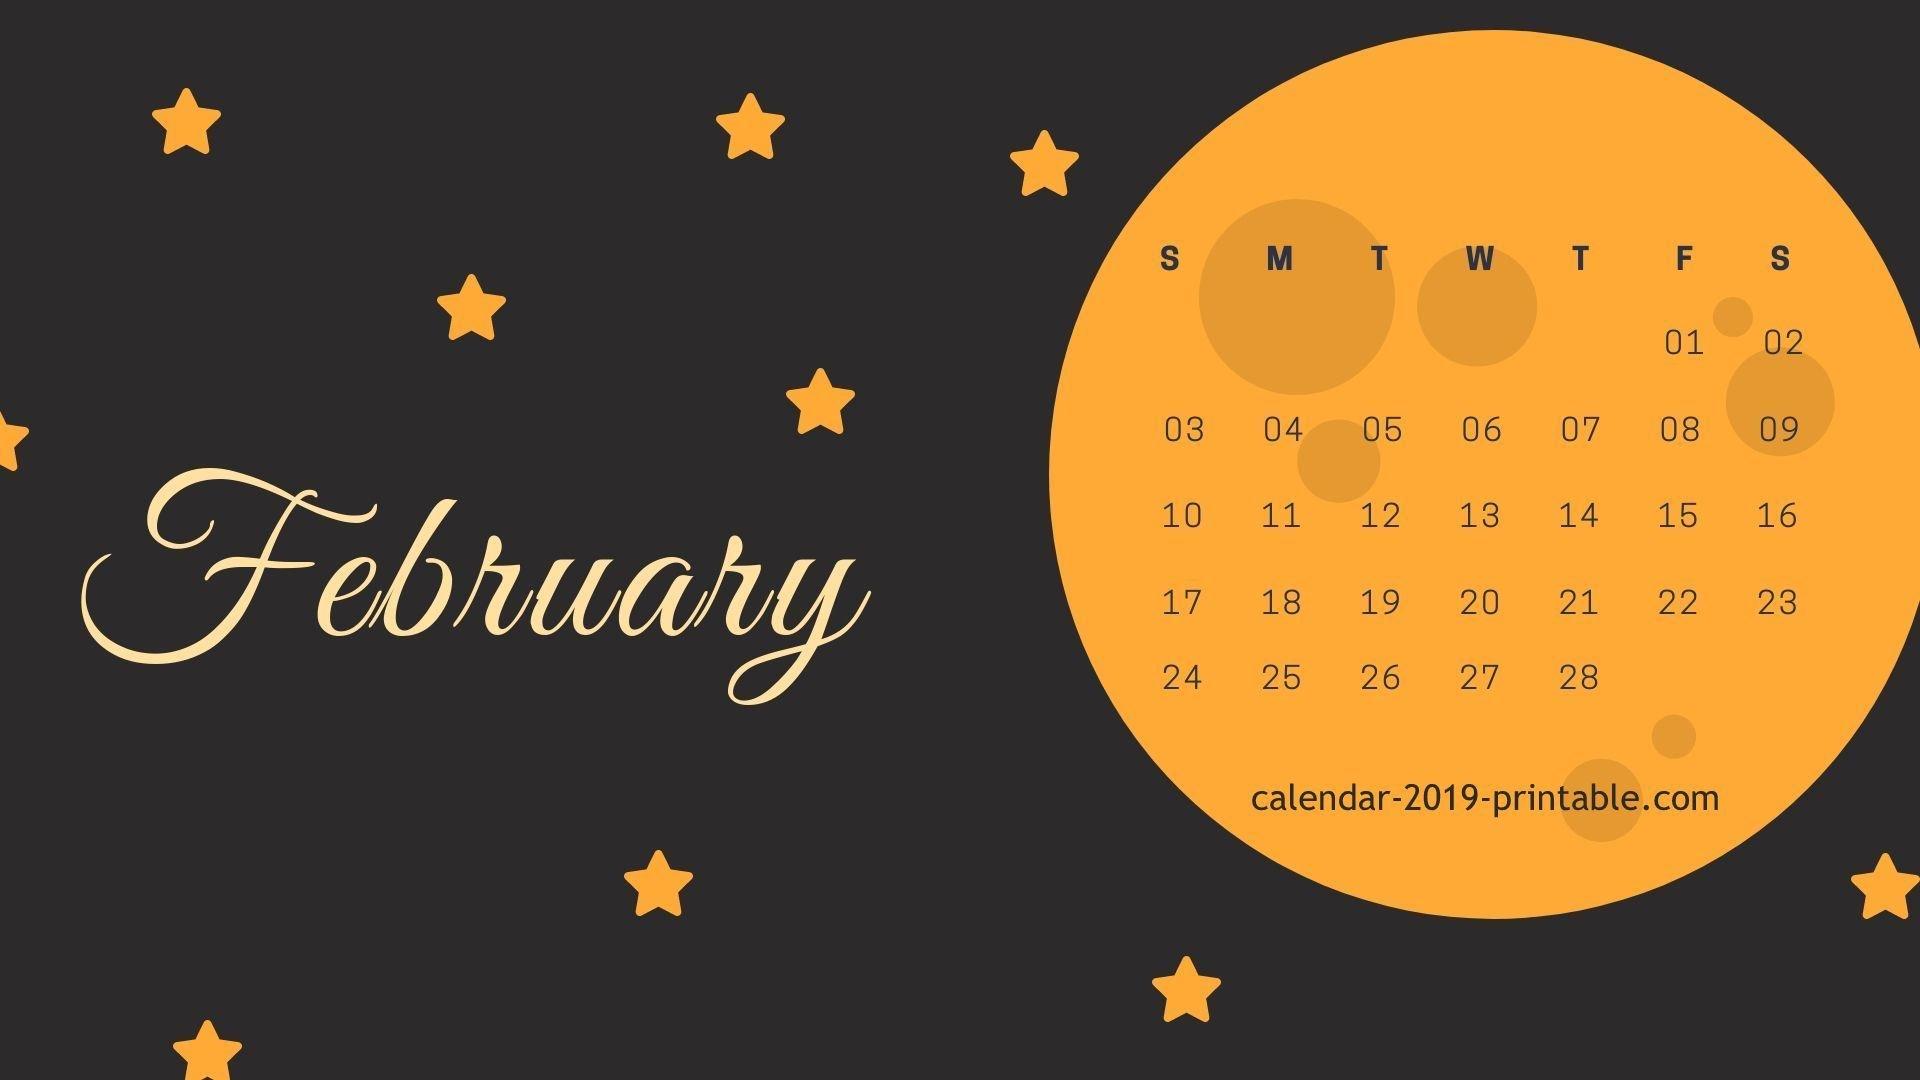 February 2019 Computer Calendar Wallpaper | 2019 Calendars In 2019 Calendar 2019 On Computer